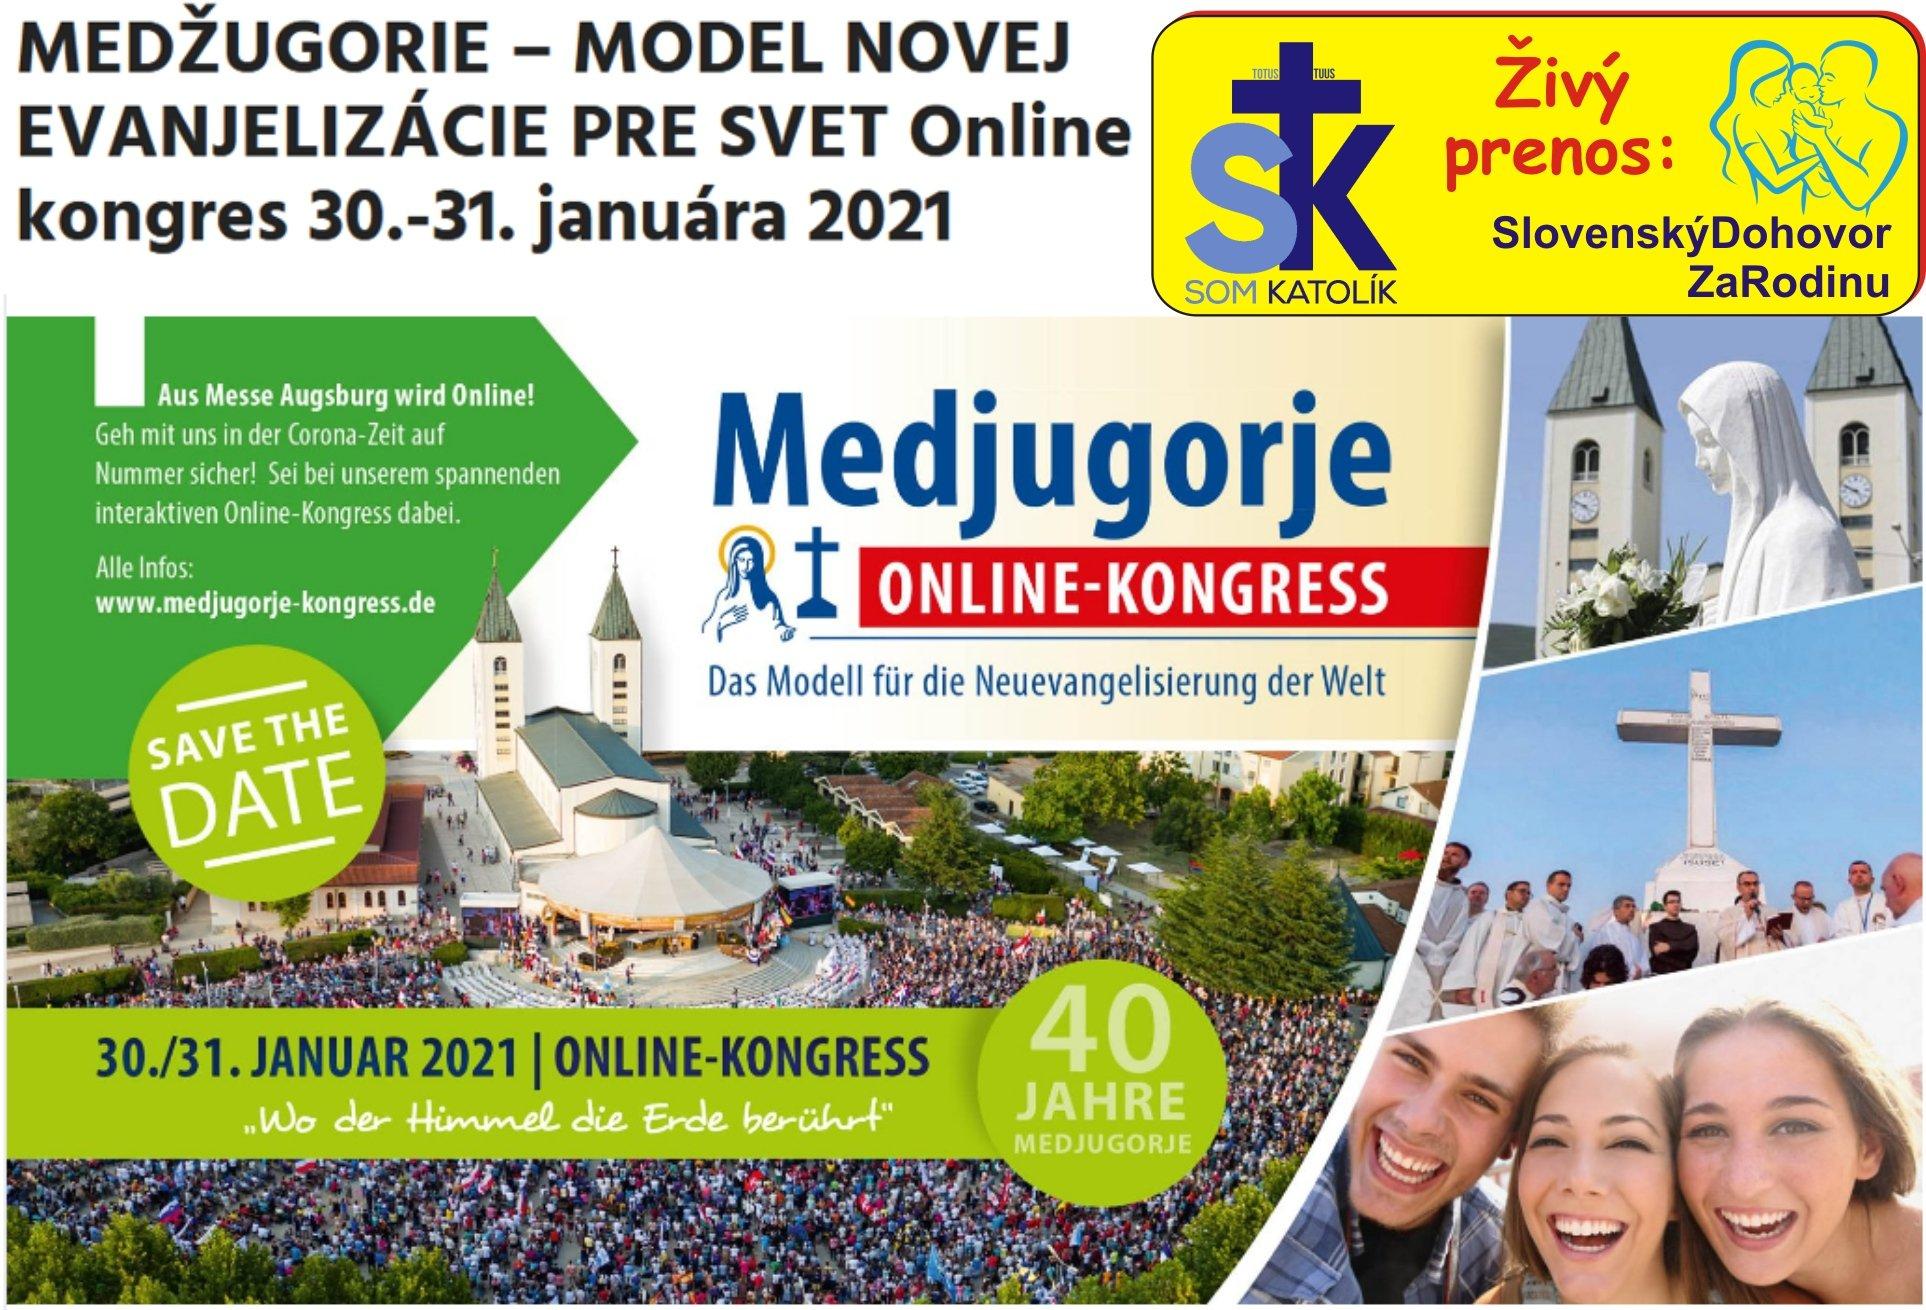 Medžugorie kongres 30-31.1.2021